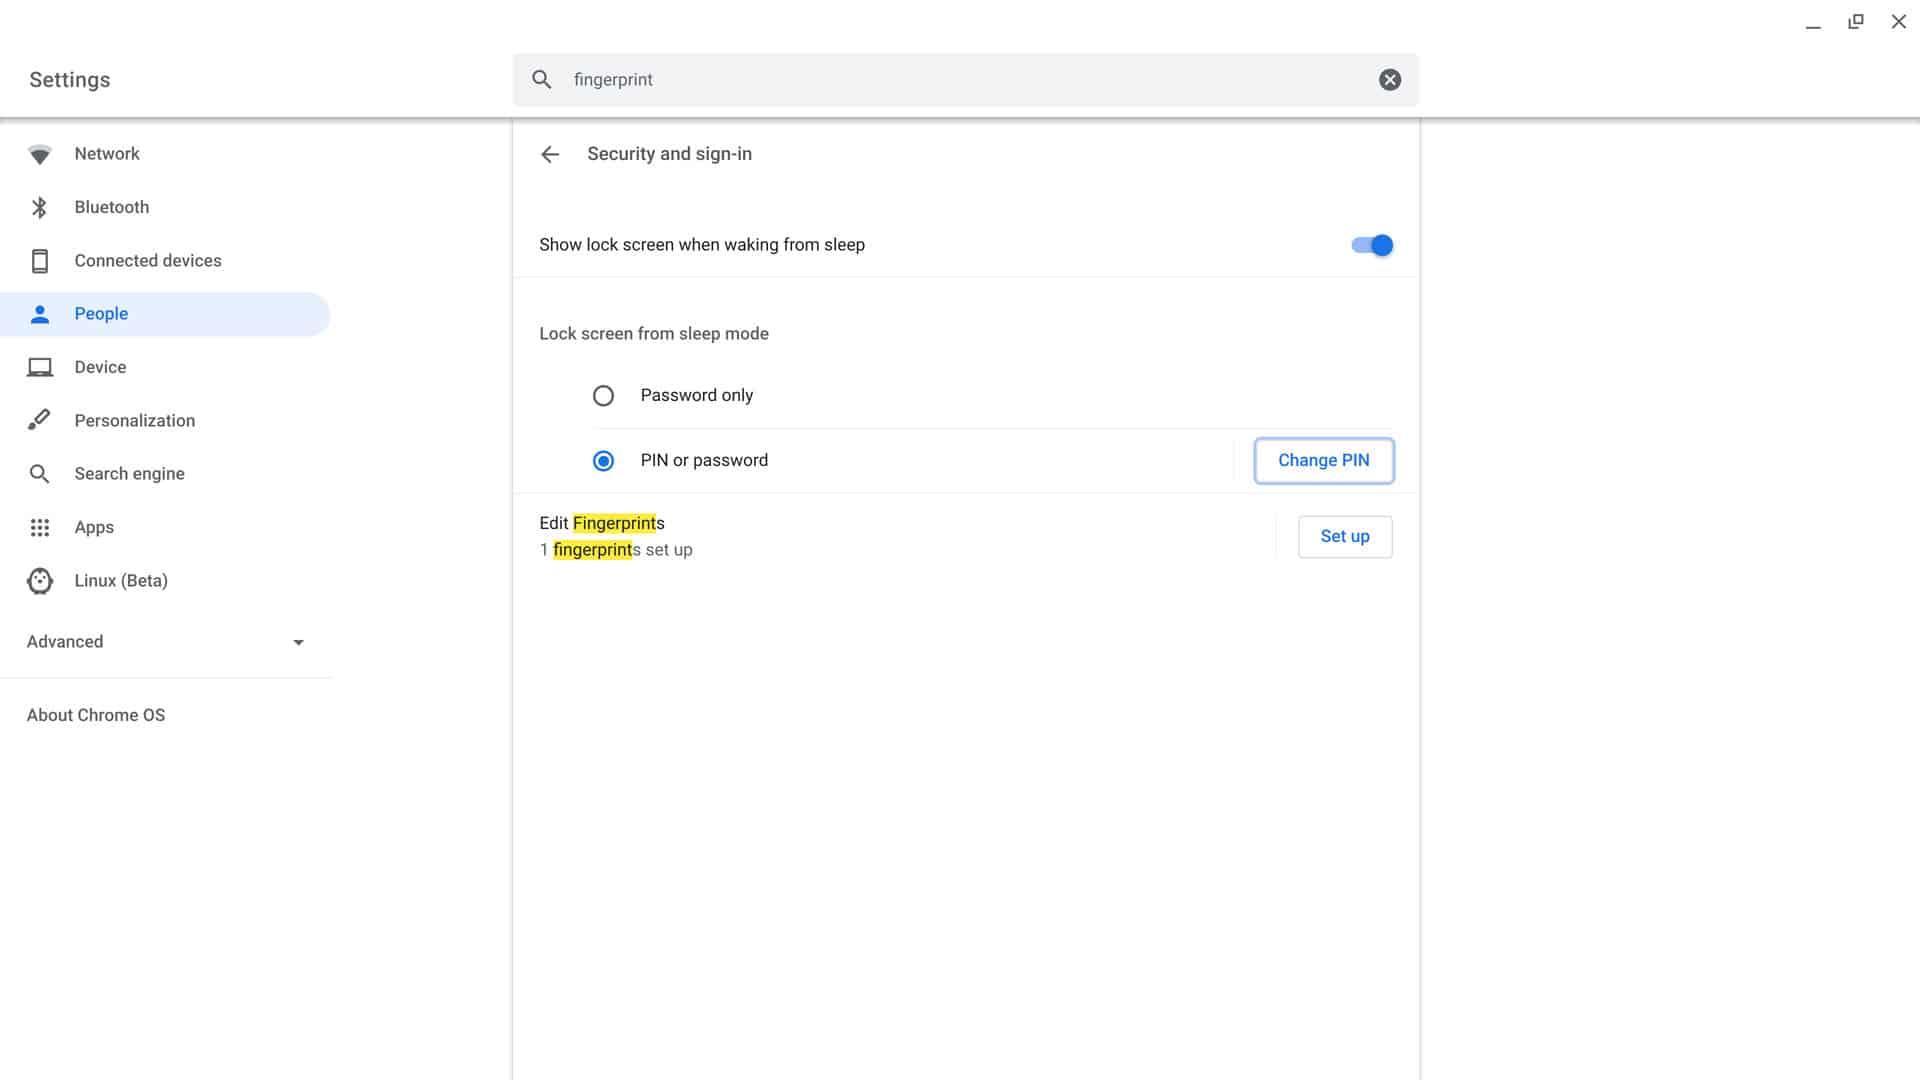 Enable Fingerprint on the Chromebook